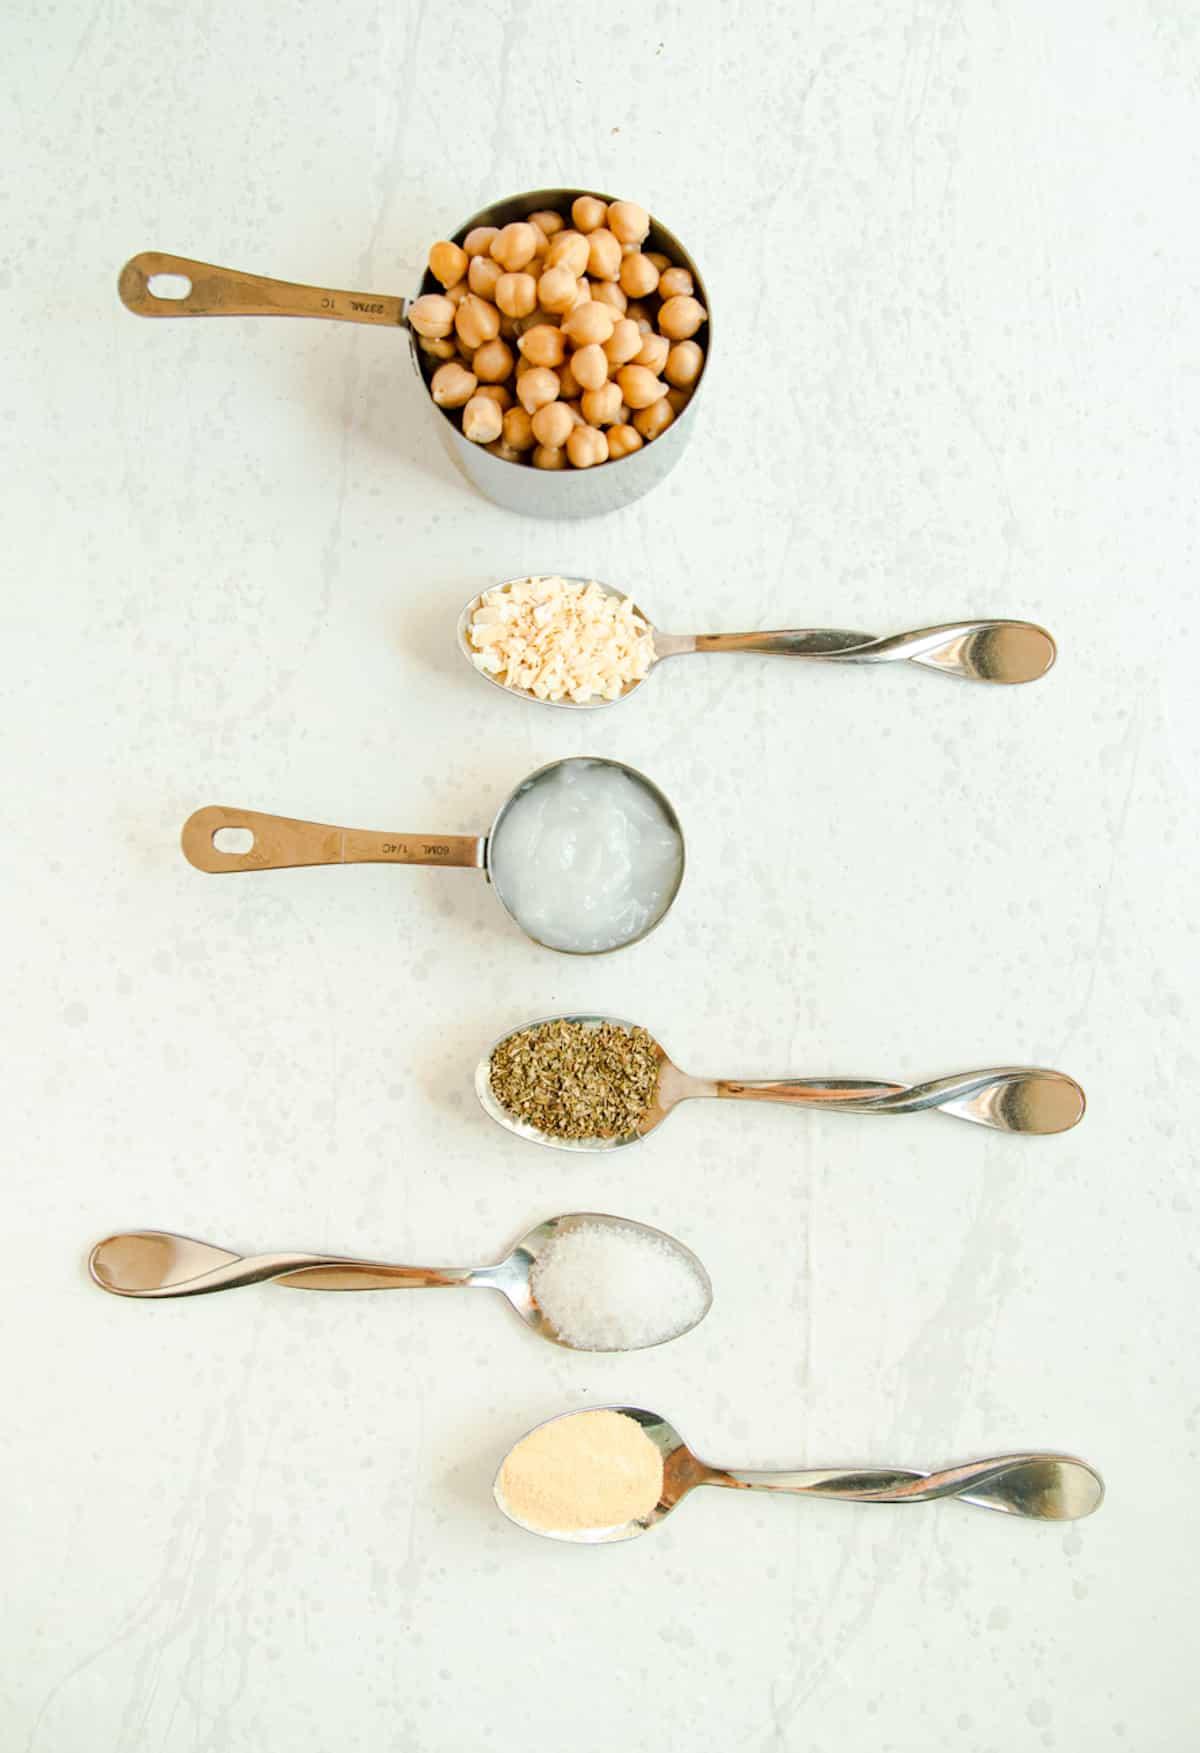 seasonings for garlic roasted chickpeas